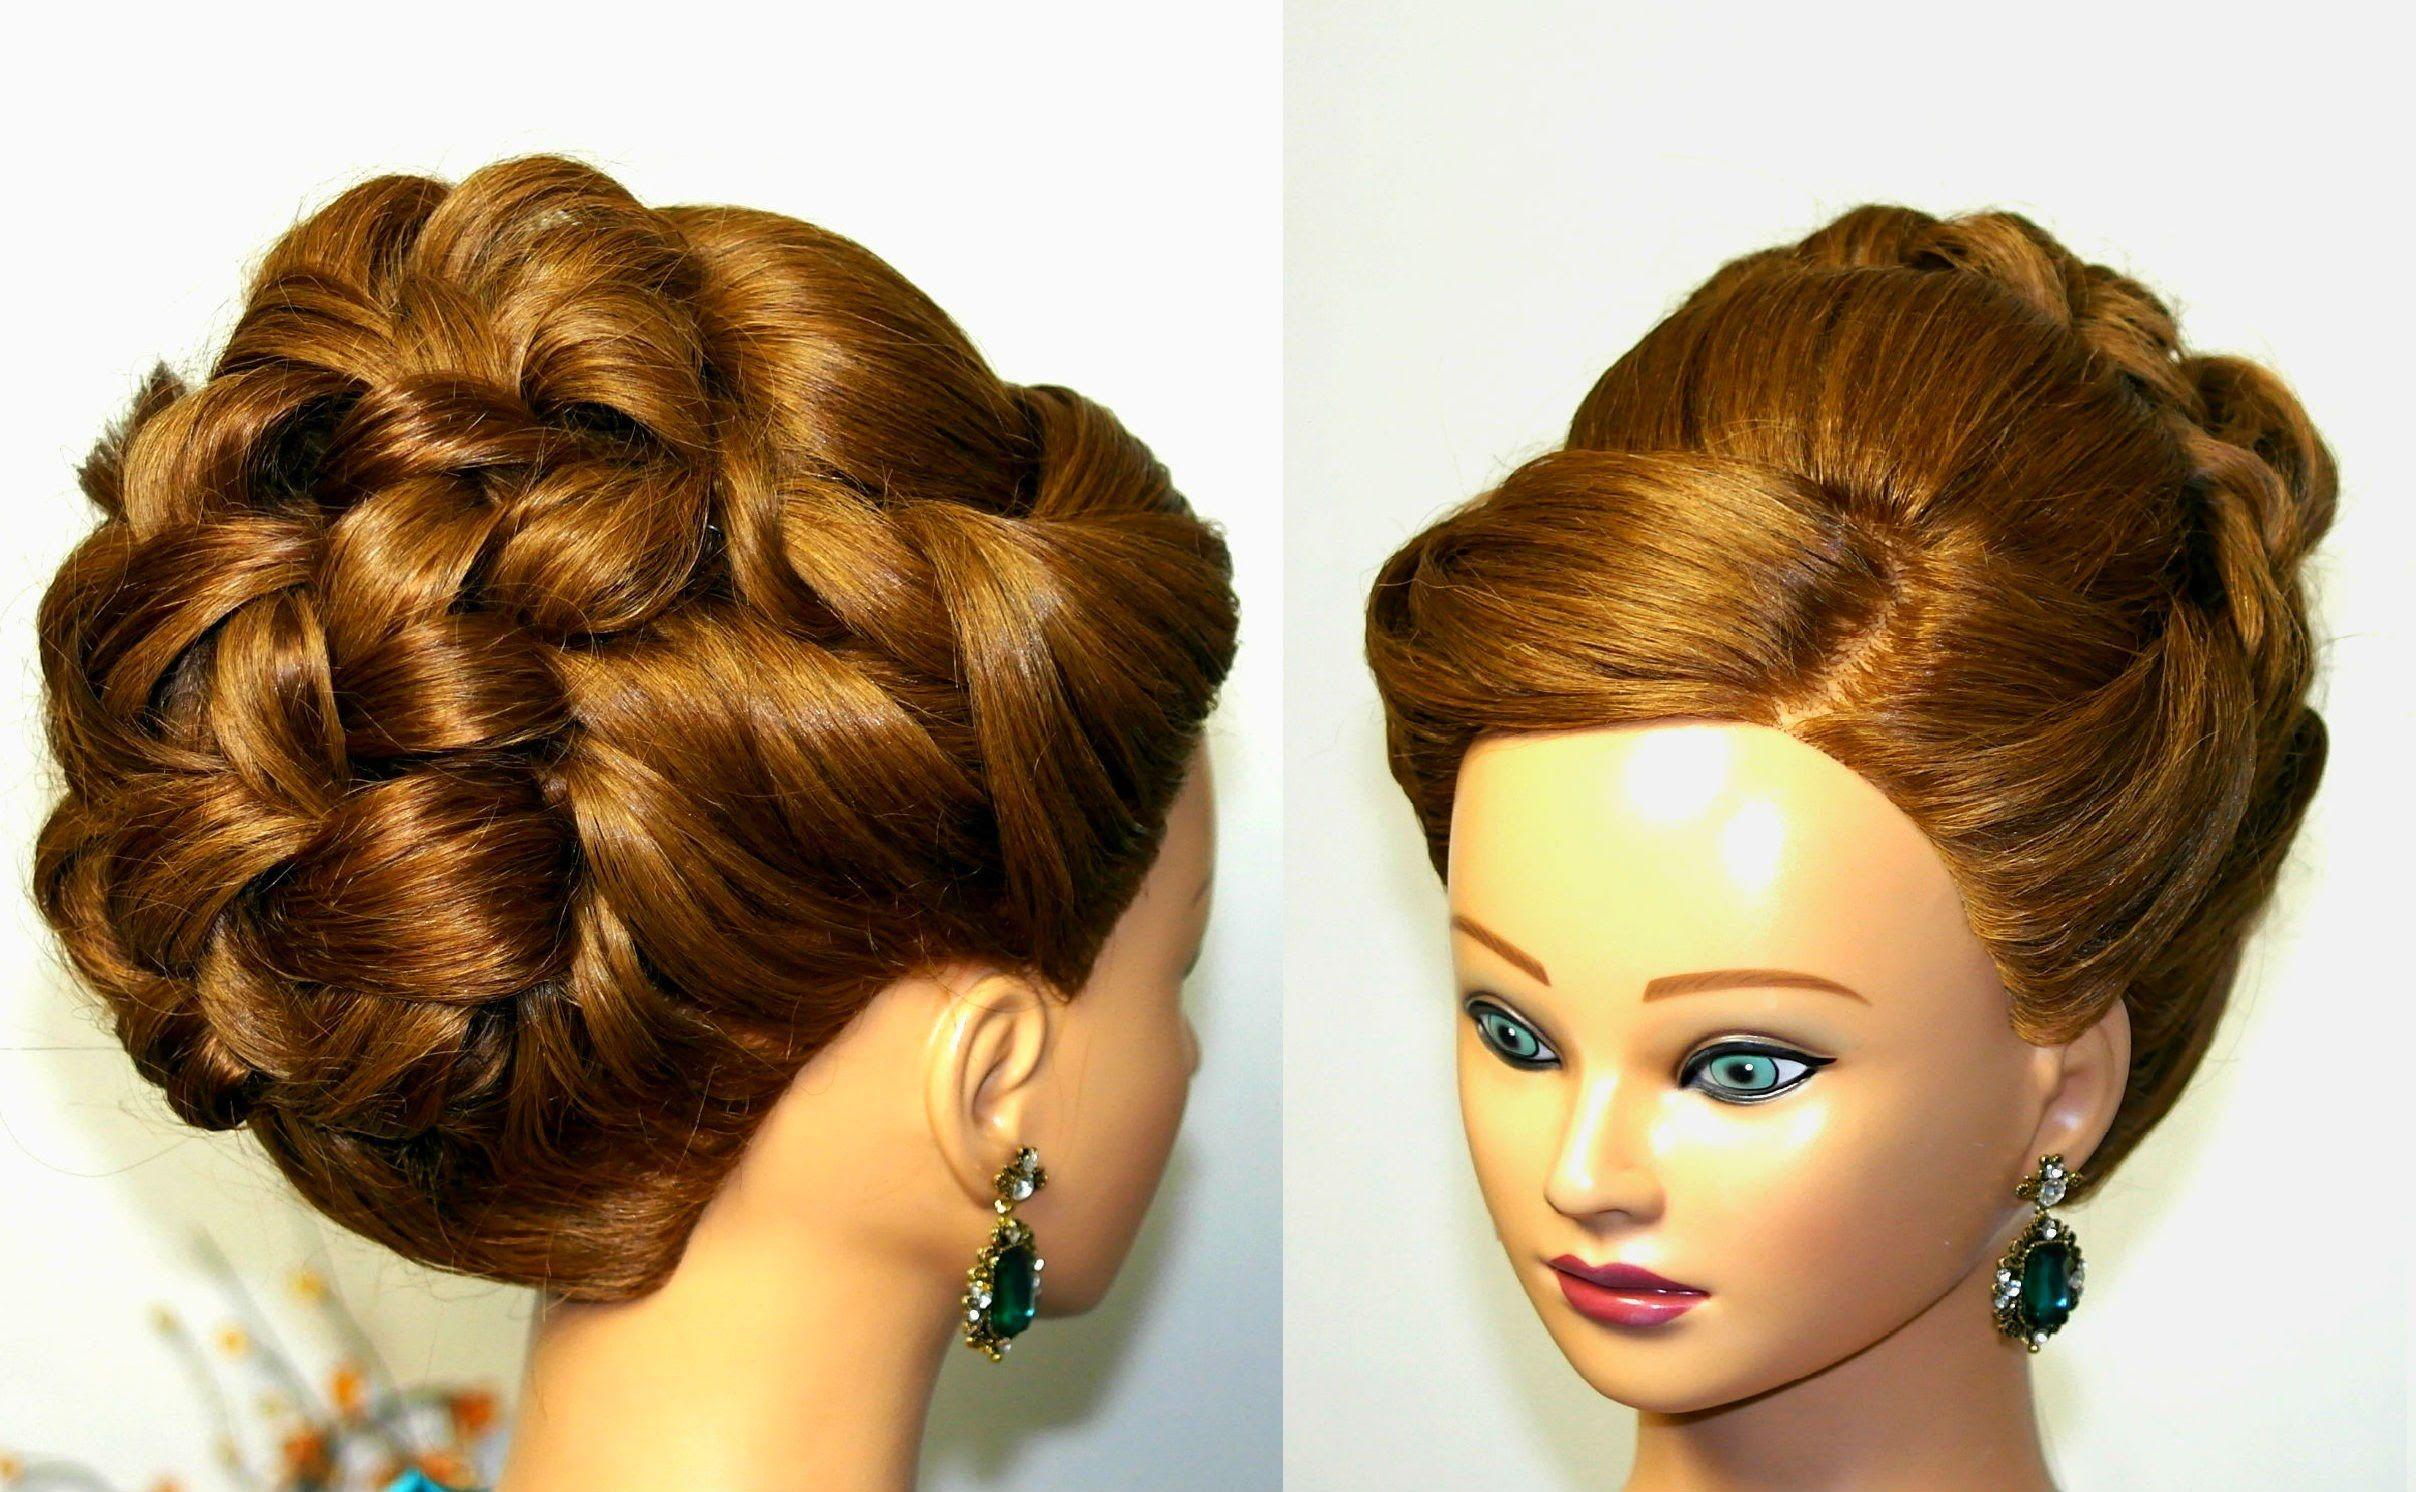 Wedding Prom Hairstyles For Long Hair Bridal Updo Svadebnaya Pricheska Pricheska Na Vypusknoj Long Hair Updo Prom Hairstyles For Long Hair Updo Tutorial